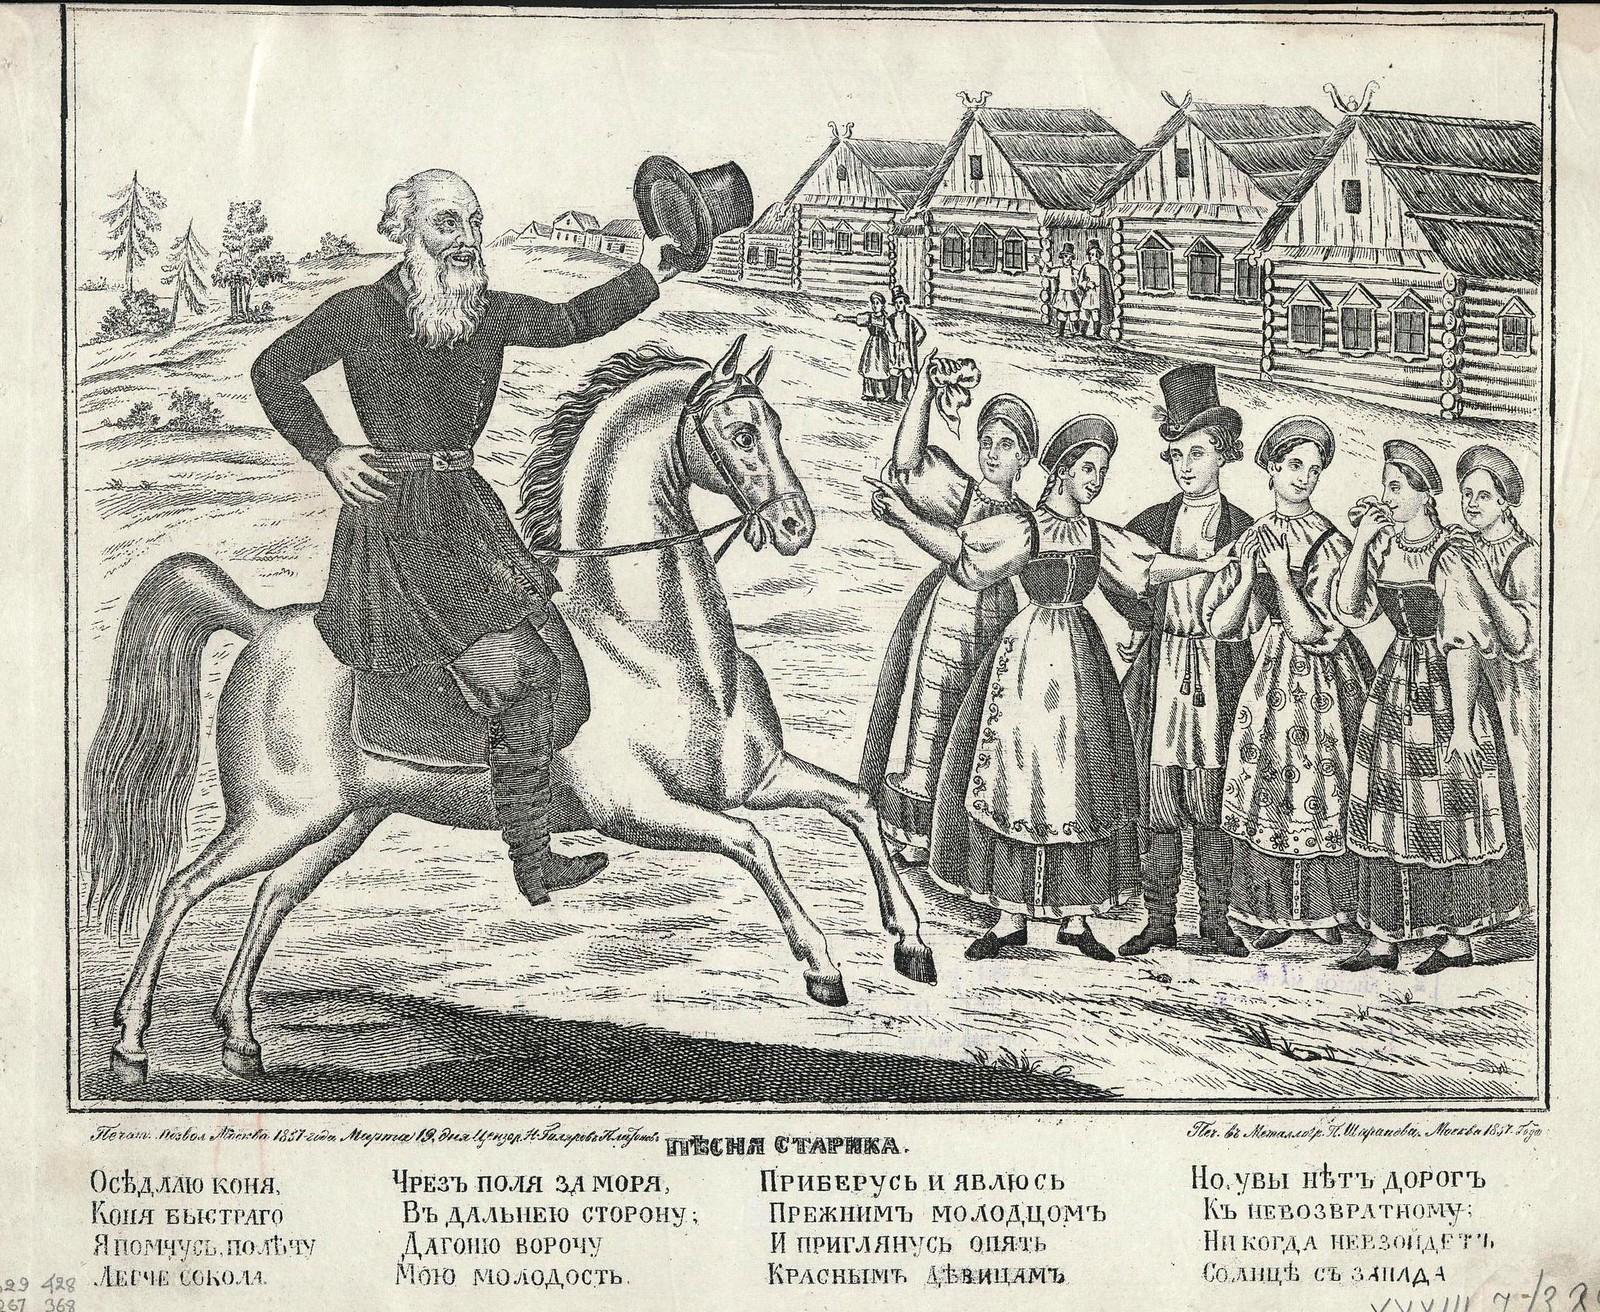 1857. Песня старика. Оседлаю коня, коня быстрого. Я помчусь, полечу легче сокола...